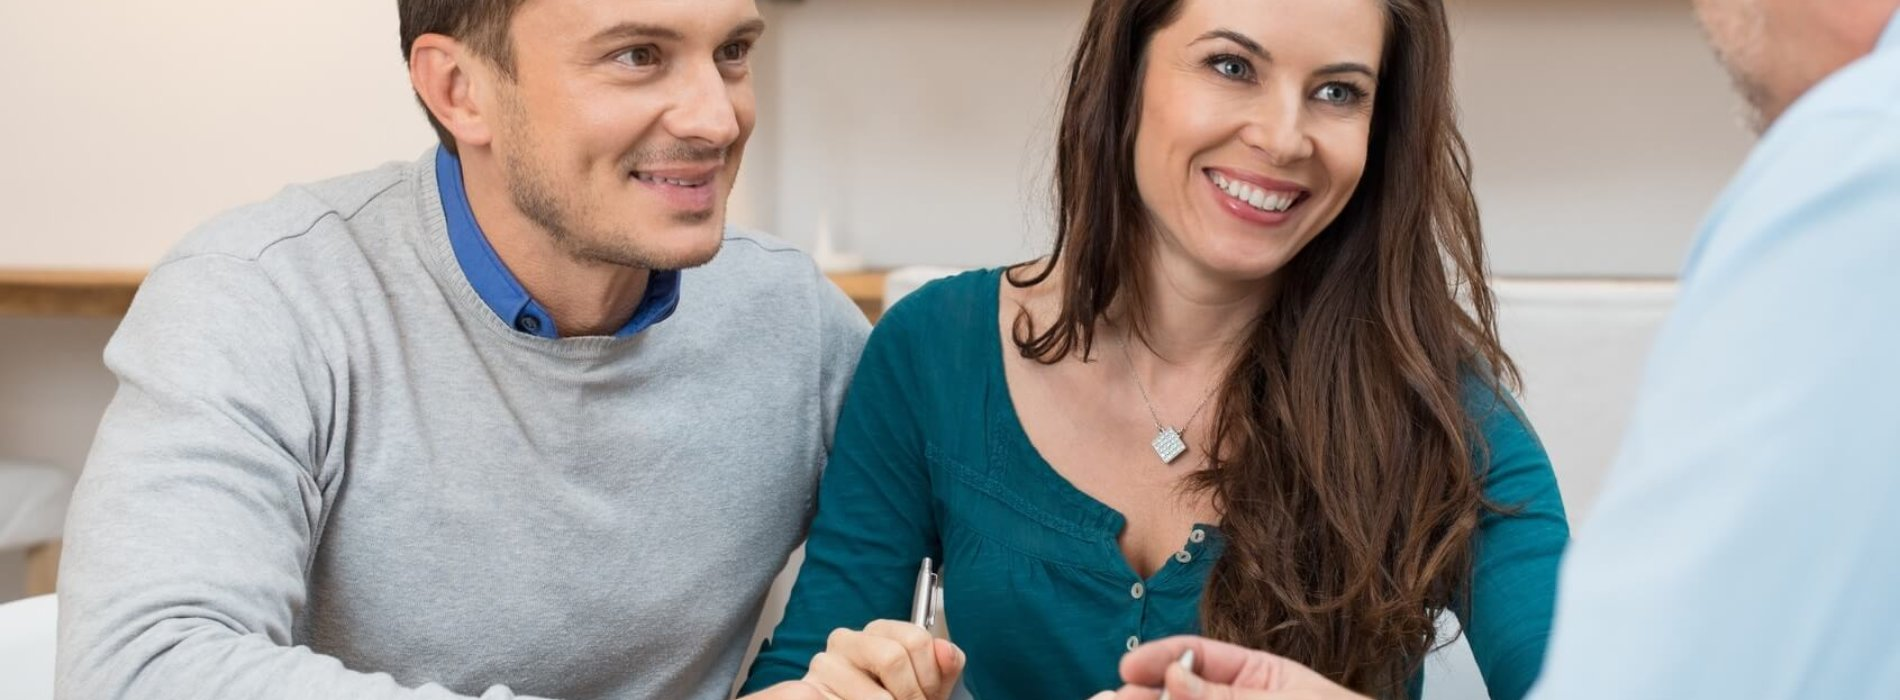 Umowa pożyczki pod zastaw – na co szczególnie zwracać uwagę?